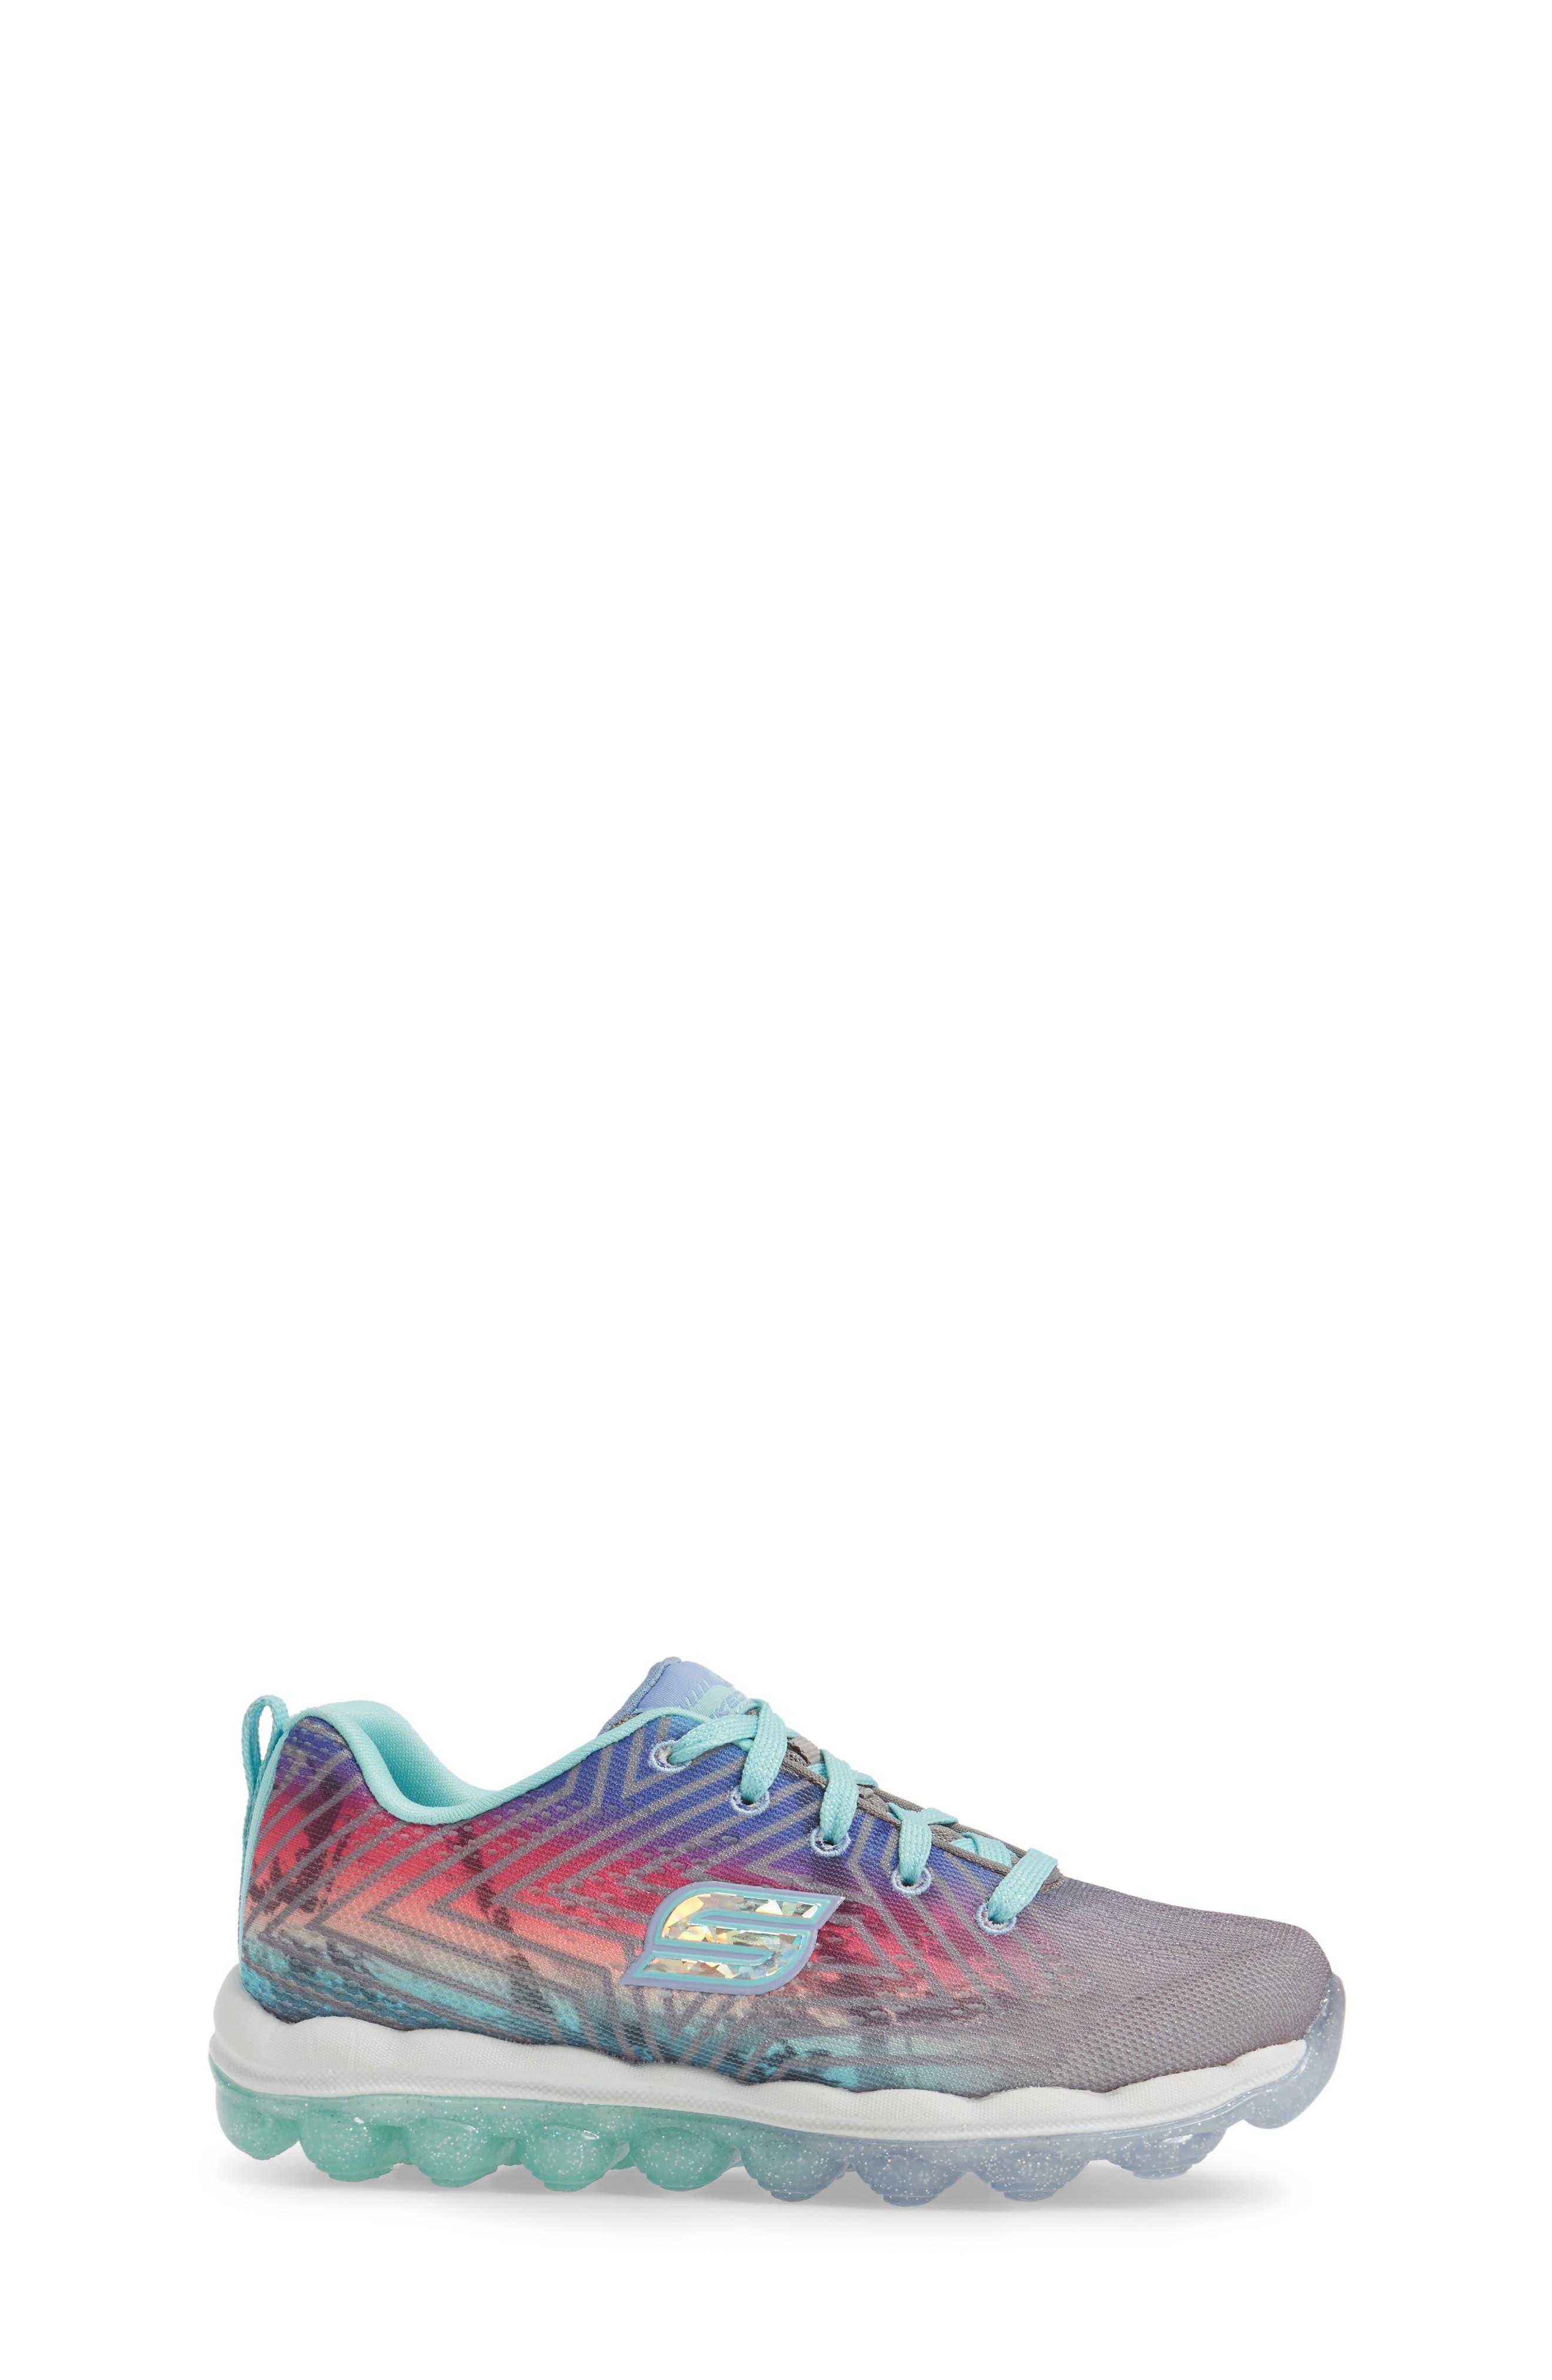 Skech-Air Jump Around Sneaker,                             Alternate thumbnail 3, color,                             Grey/ Multi